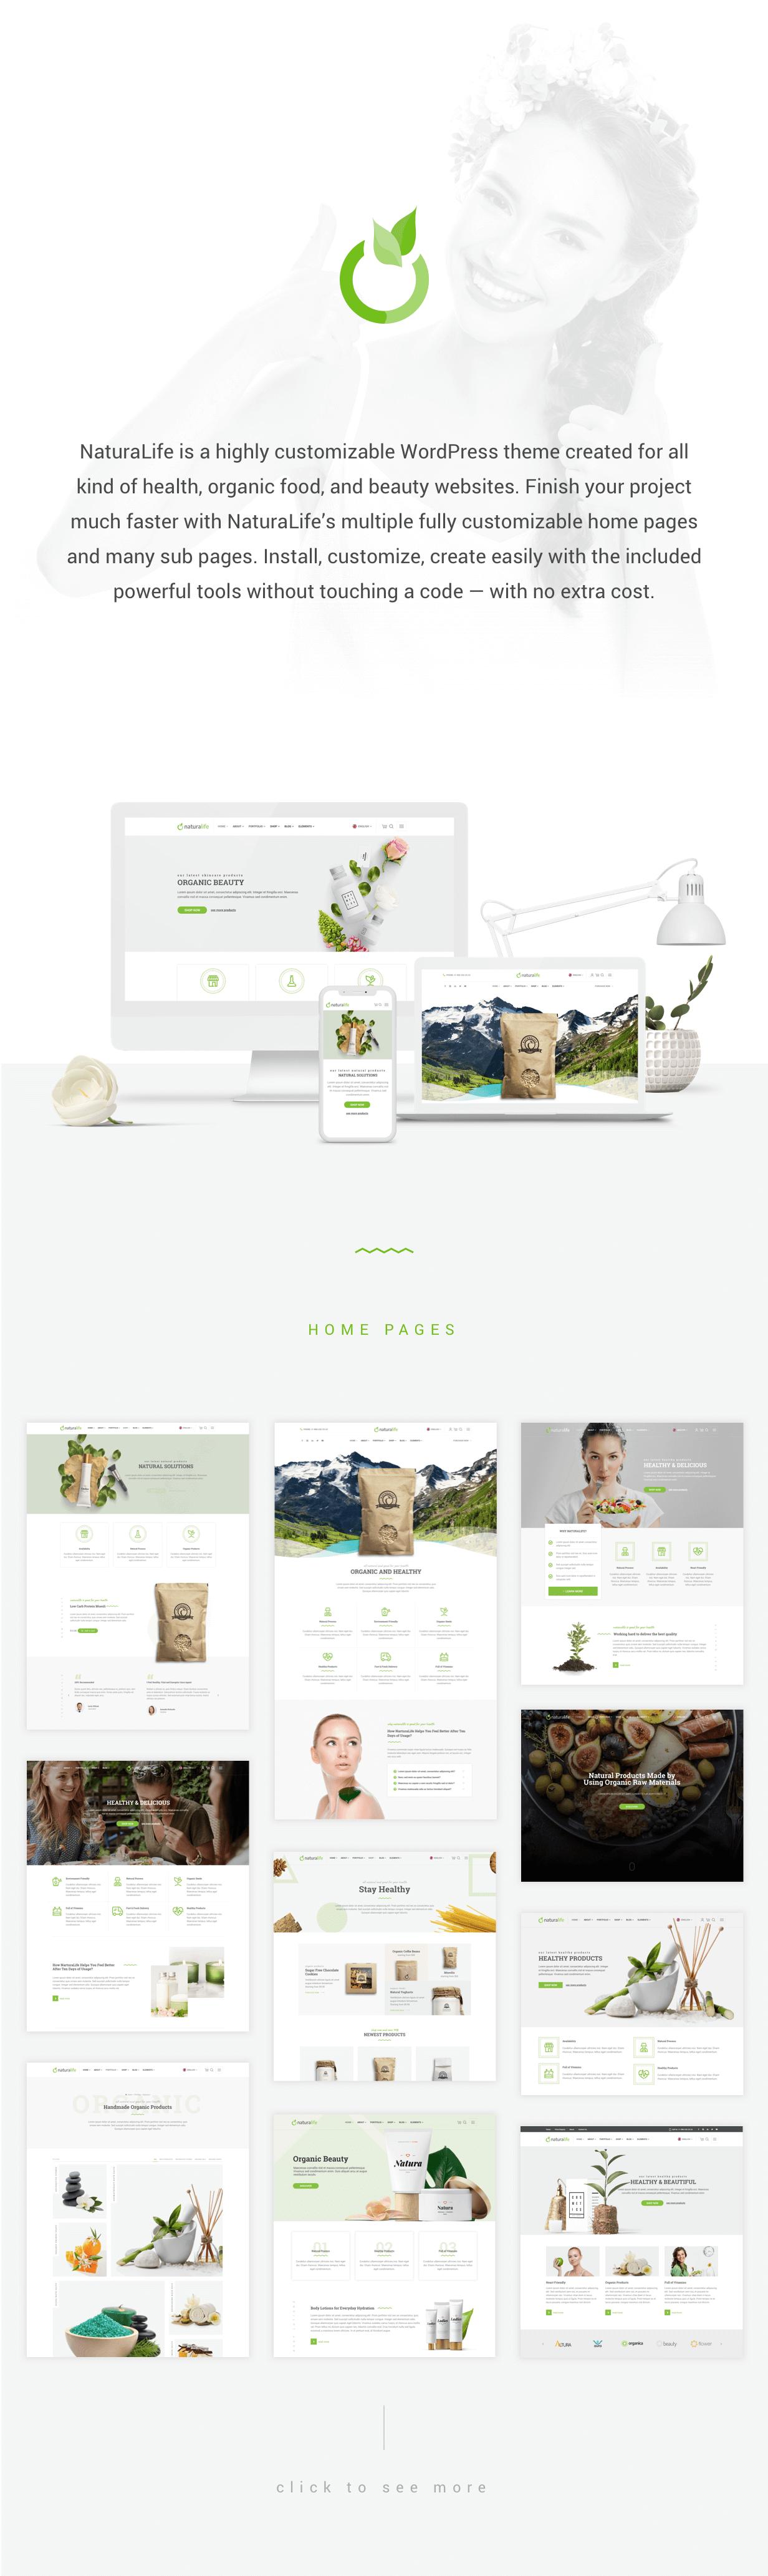 NaturaLife | Health & Organic WordPress Theme - 1